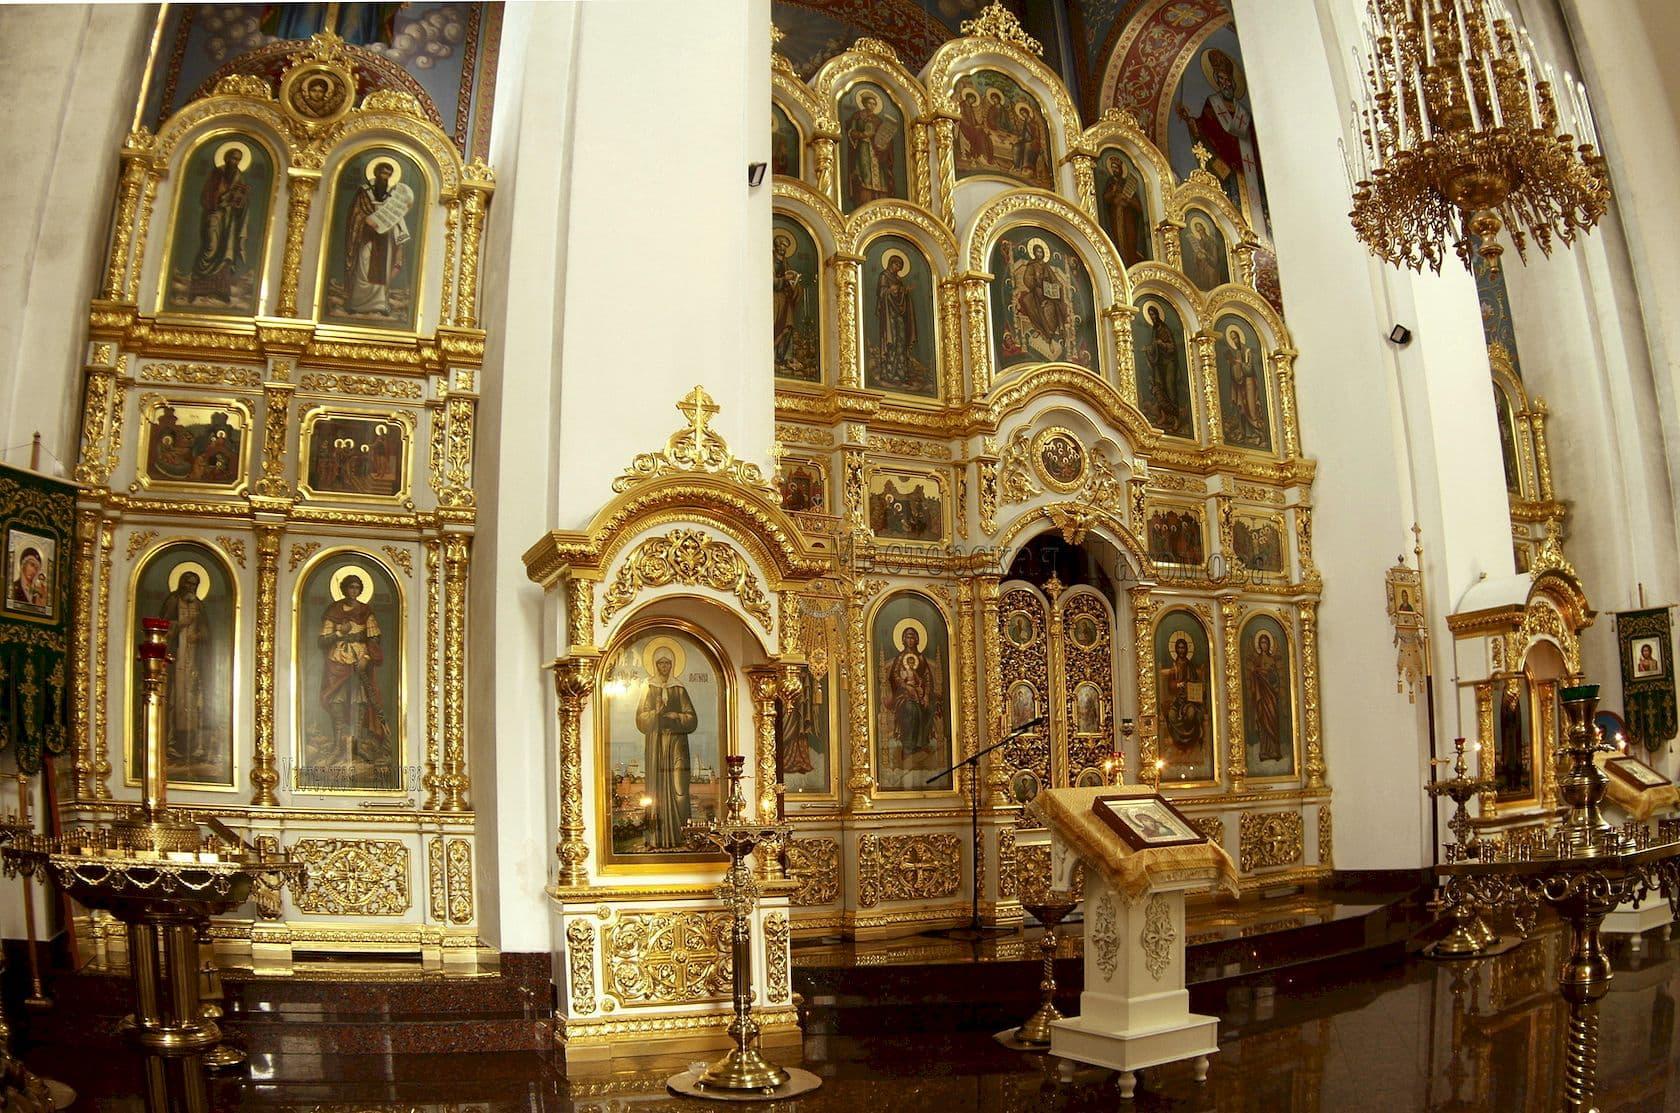 Деревянный иконостас, напольный киот, церковная утварь. Резьба, золочение